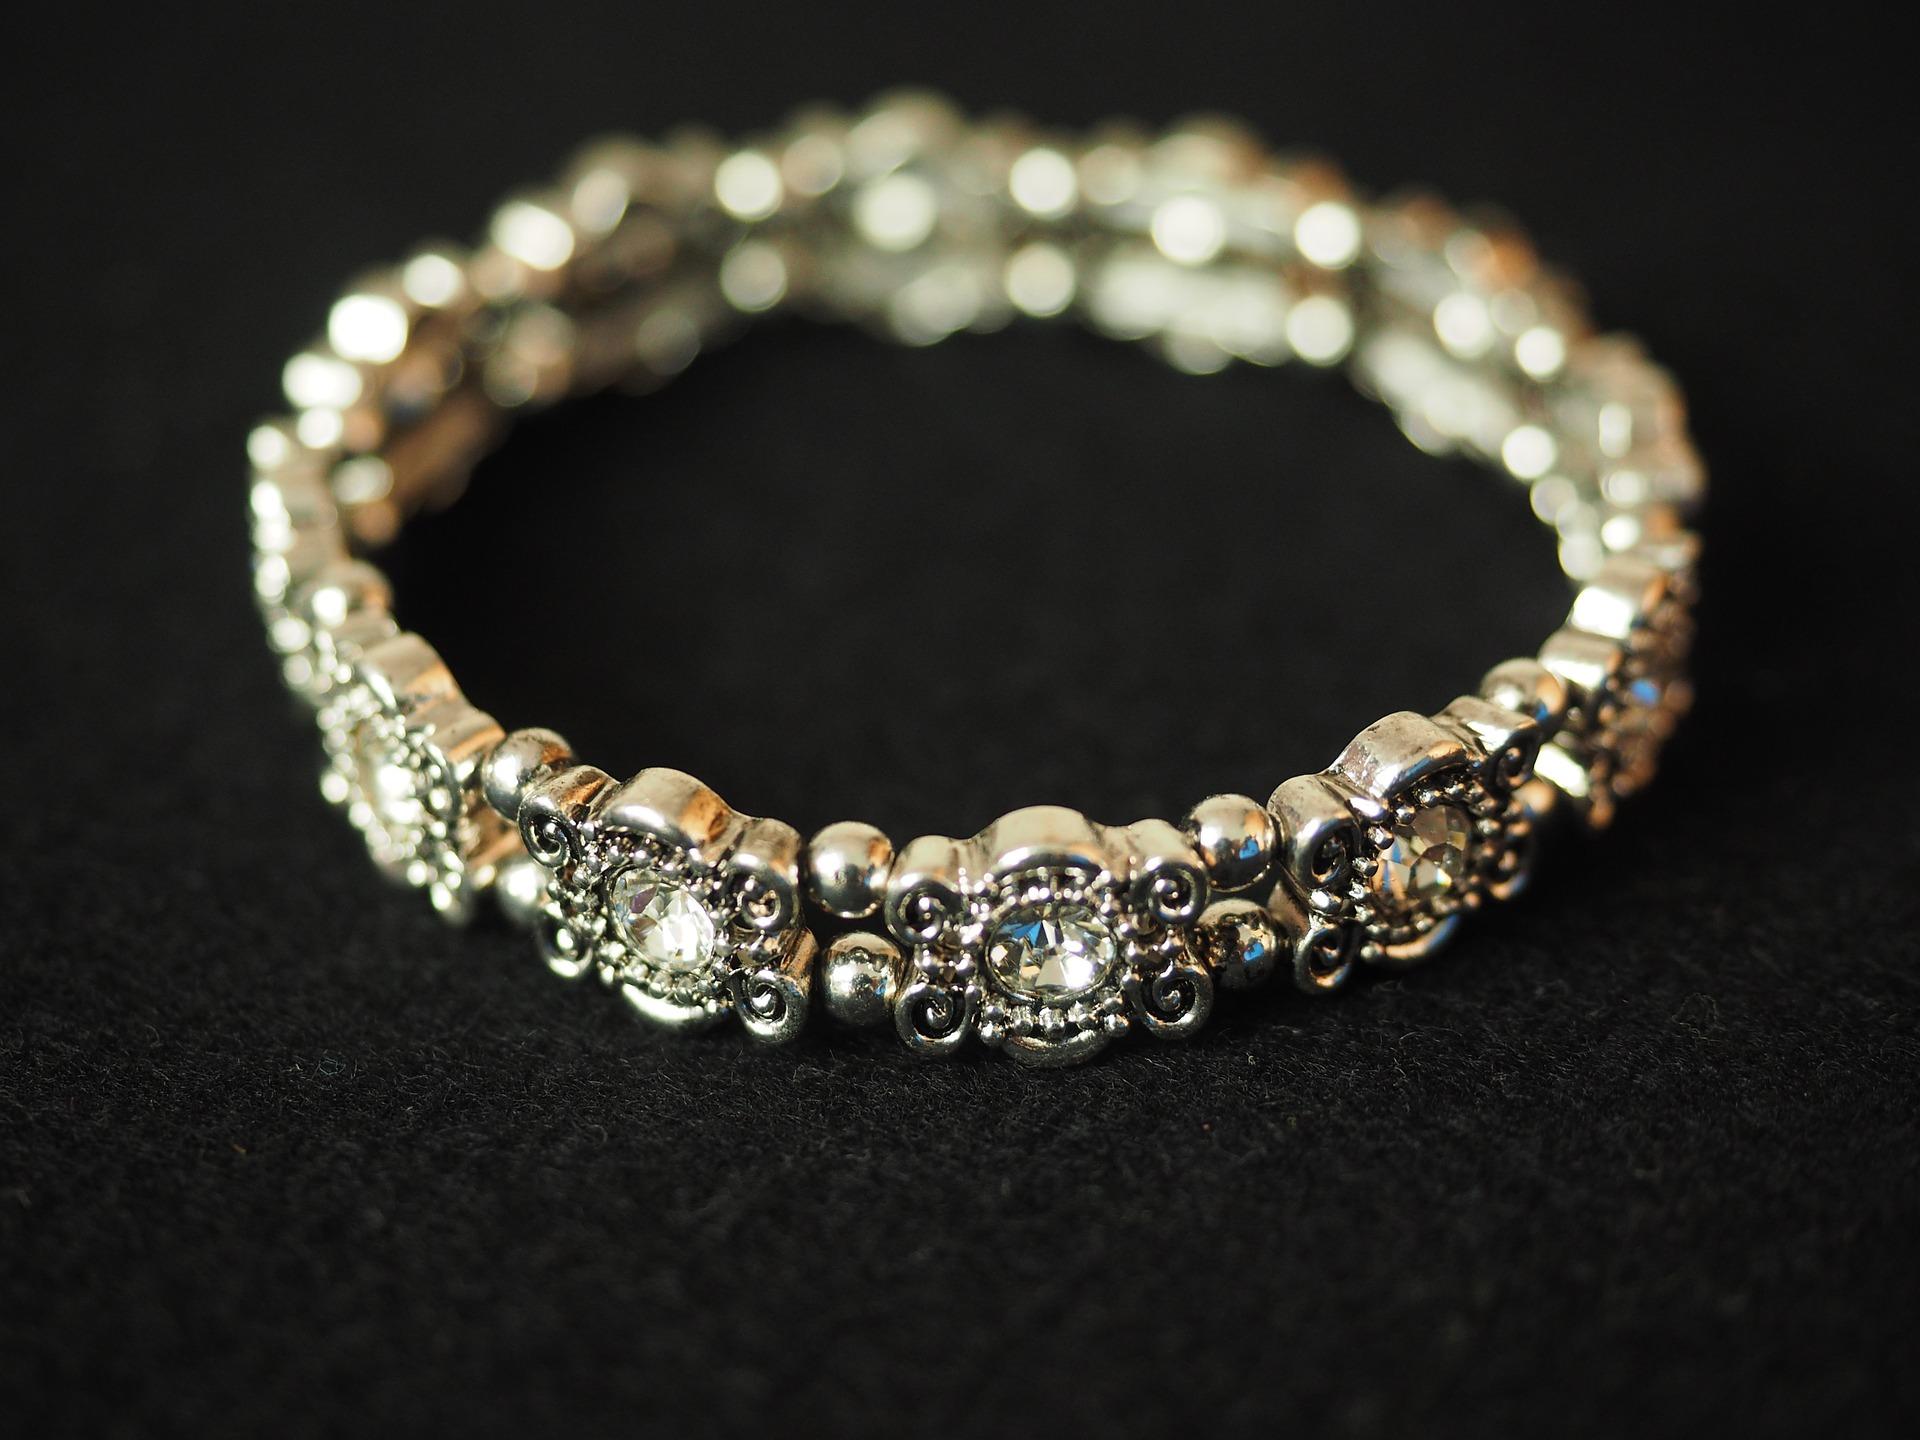 bracelet-671789_1920.jpg